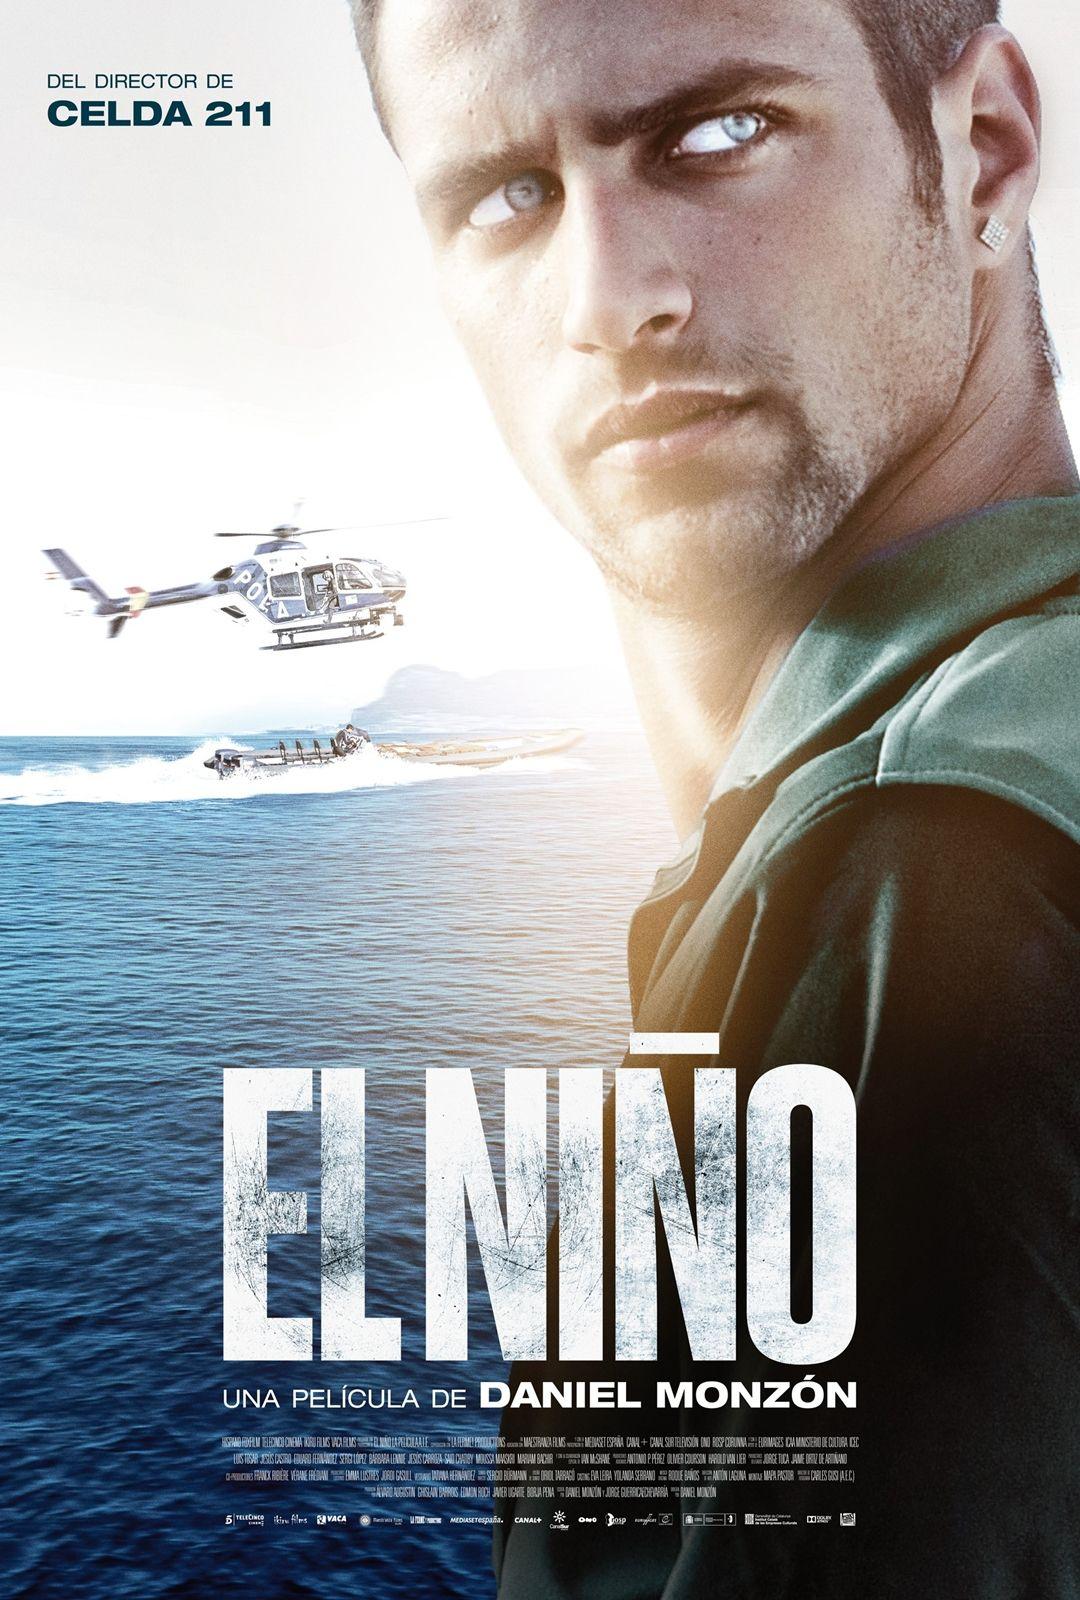 El Nino 2014 135 Min Espana Director Daniel Monzon Actores Luis Tosar Jesus Castro Eduard Fernandez Jesus Ca Peliculas Hd Trailer Peliculas Peliculas